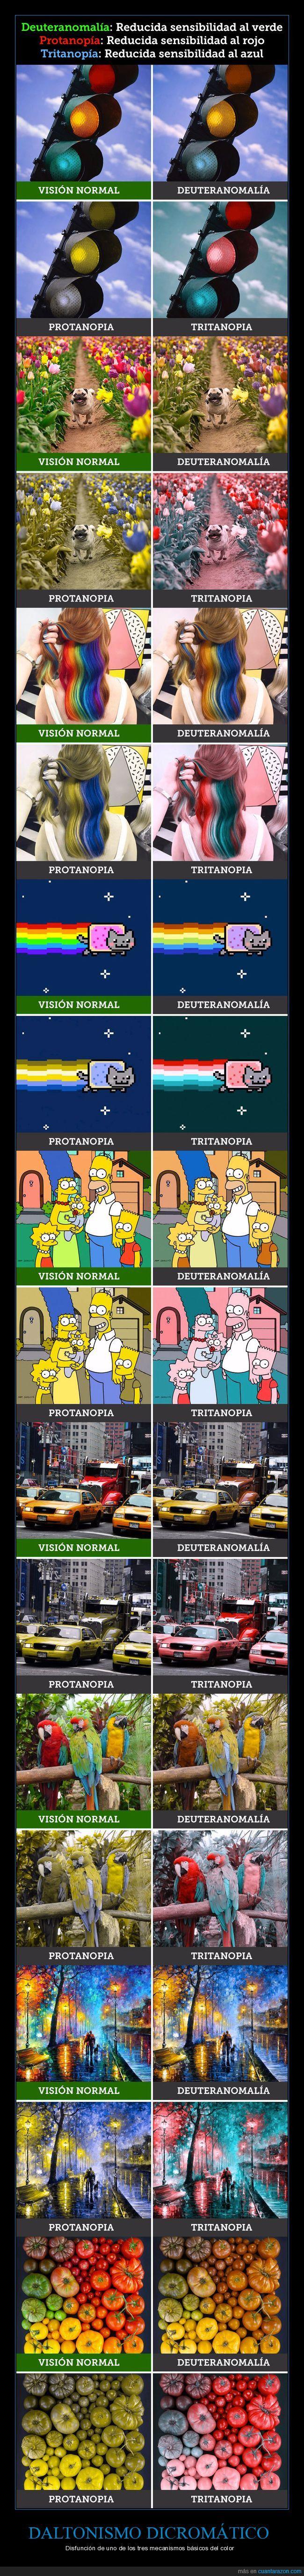 Así es cómo ven el mundo las personas con distintos tipos de daltonismo